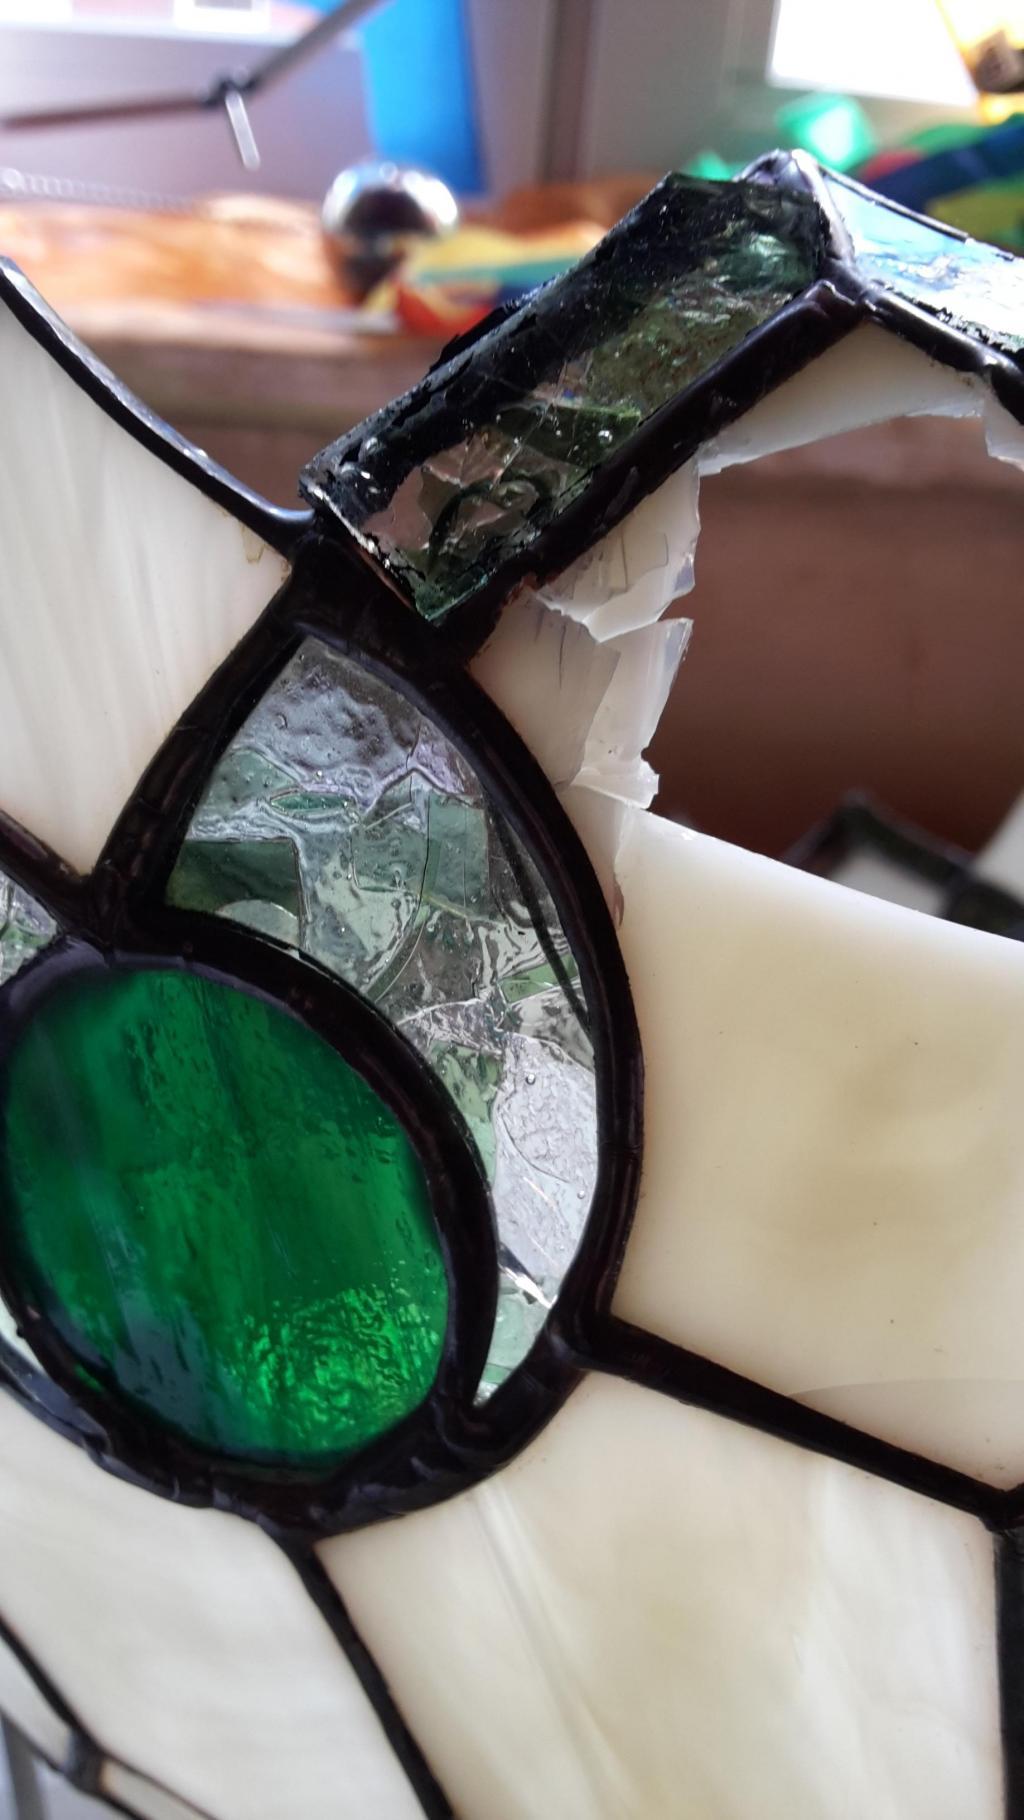 tiffany lampen reparatur glaskunst bleiverglasung glasdeko restaurieren glaserei. Black Bedroom Furniture Sets. Home Design Ideas